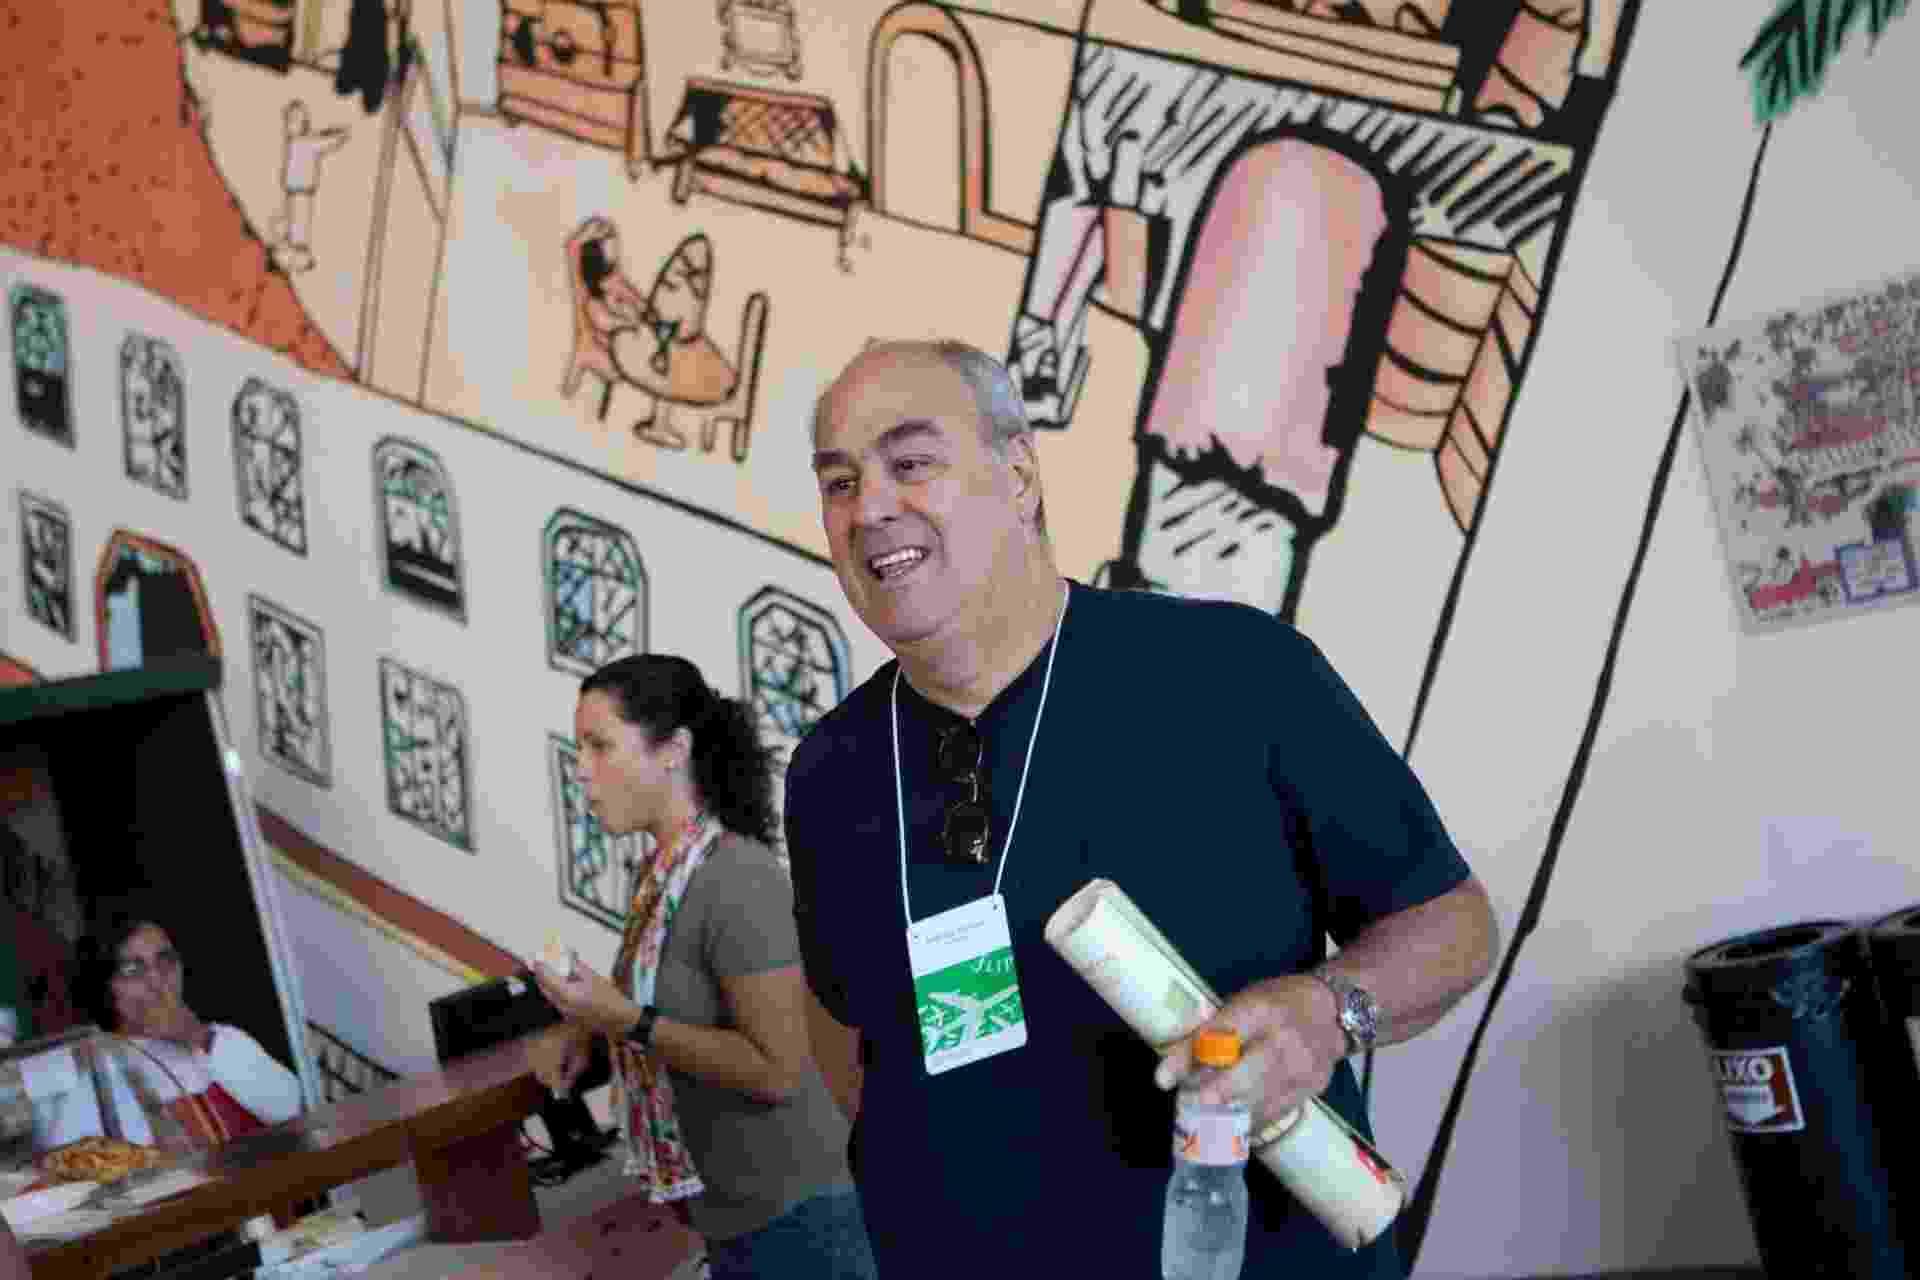 Roberto Irineu Marinho, 66, o filho mais velho do fundador da TV Globo, Roberto Marinho, tem fortuna estimada em US$ 9,1 bilhões e o ocupa o 137º lugar do ranking mundial - Mastrangelo Reino/Folhapress